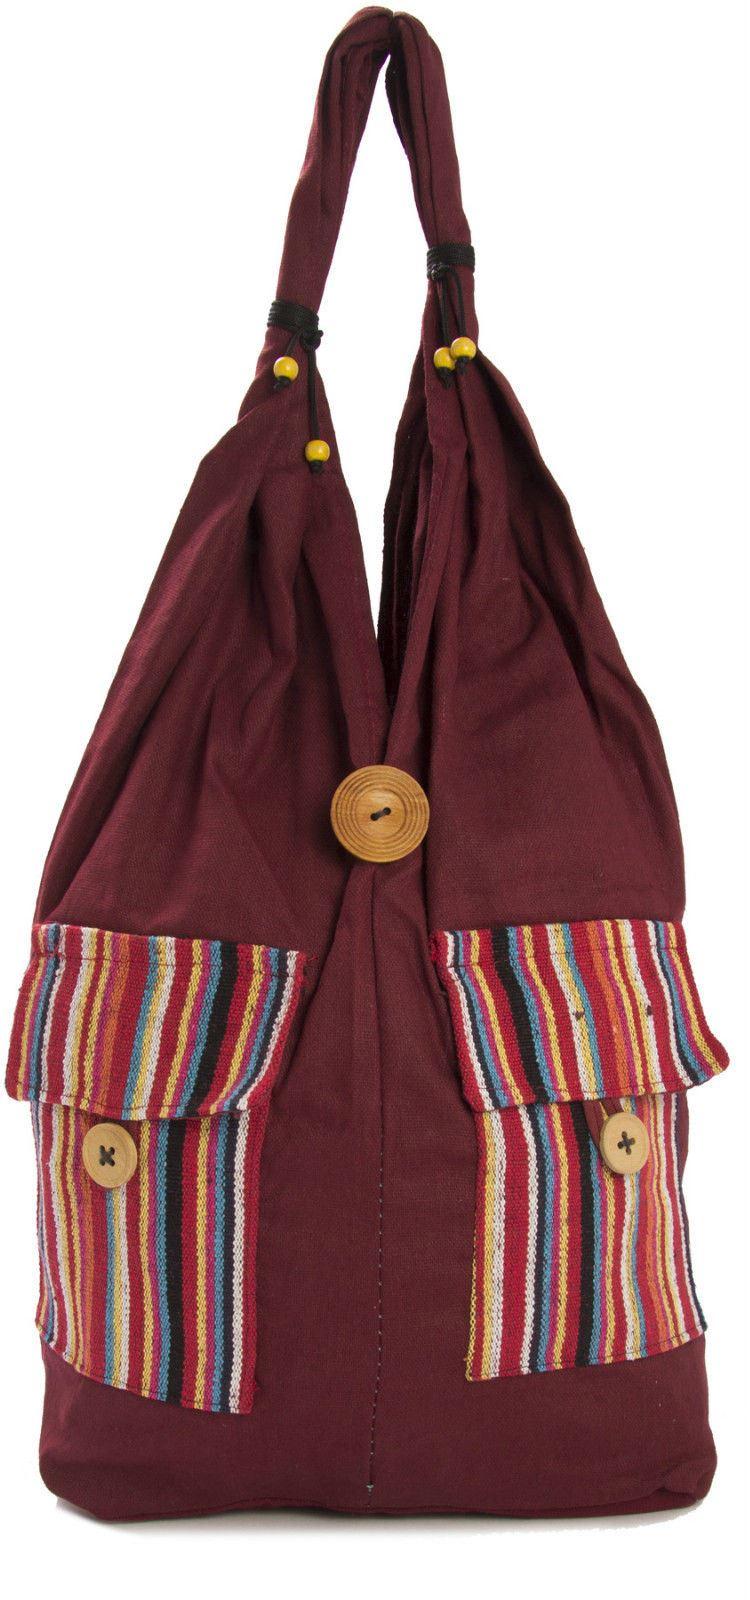 Big Handbag Shop Damen Baumwollgewebe Doppel-taschen Große Schultertasche